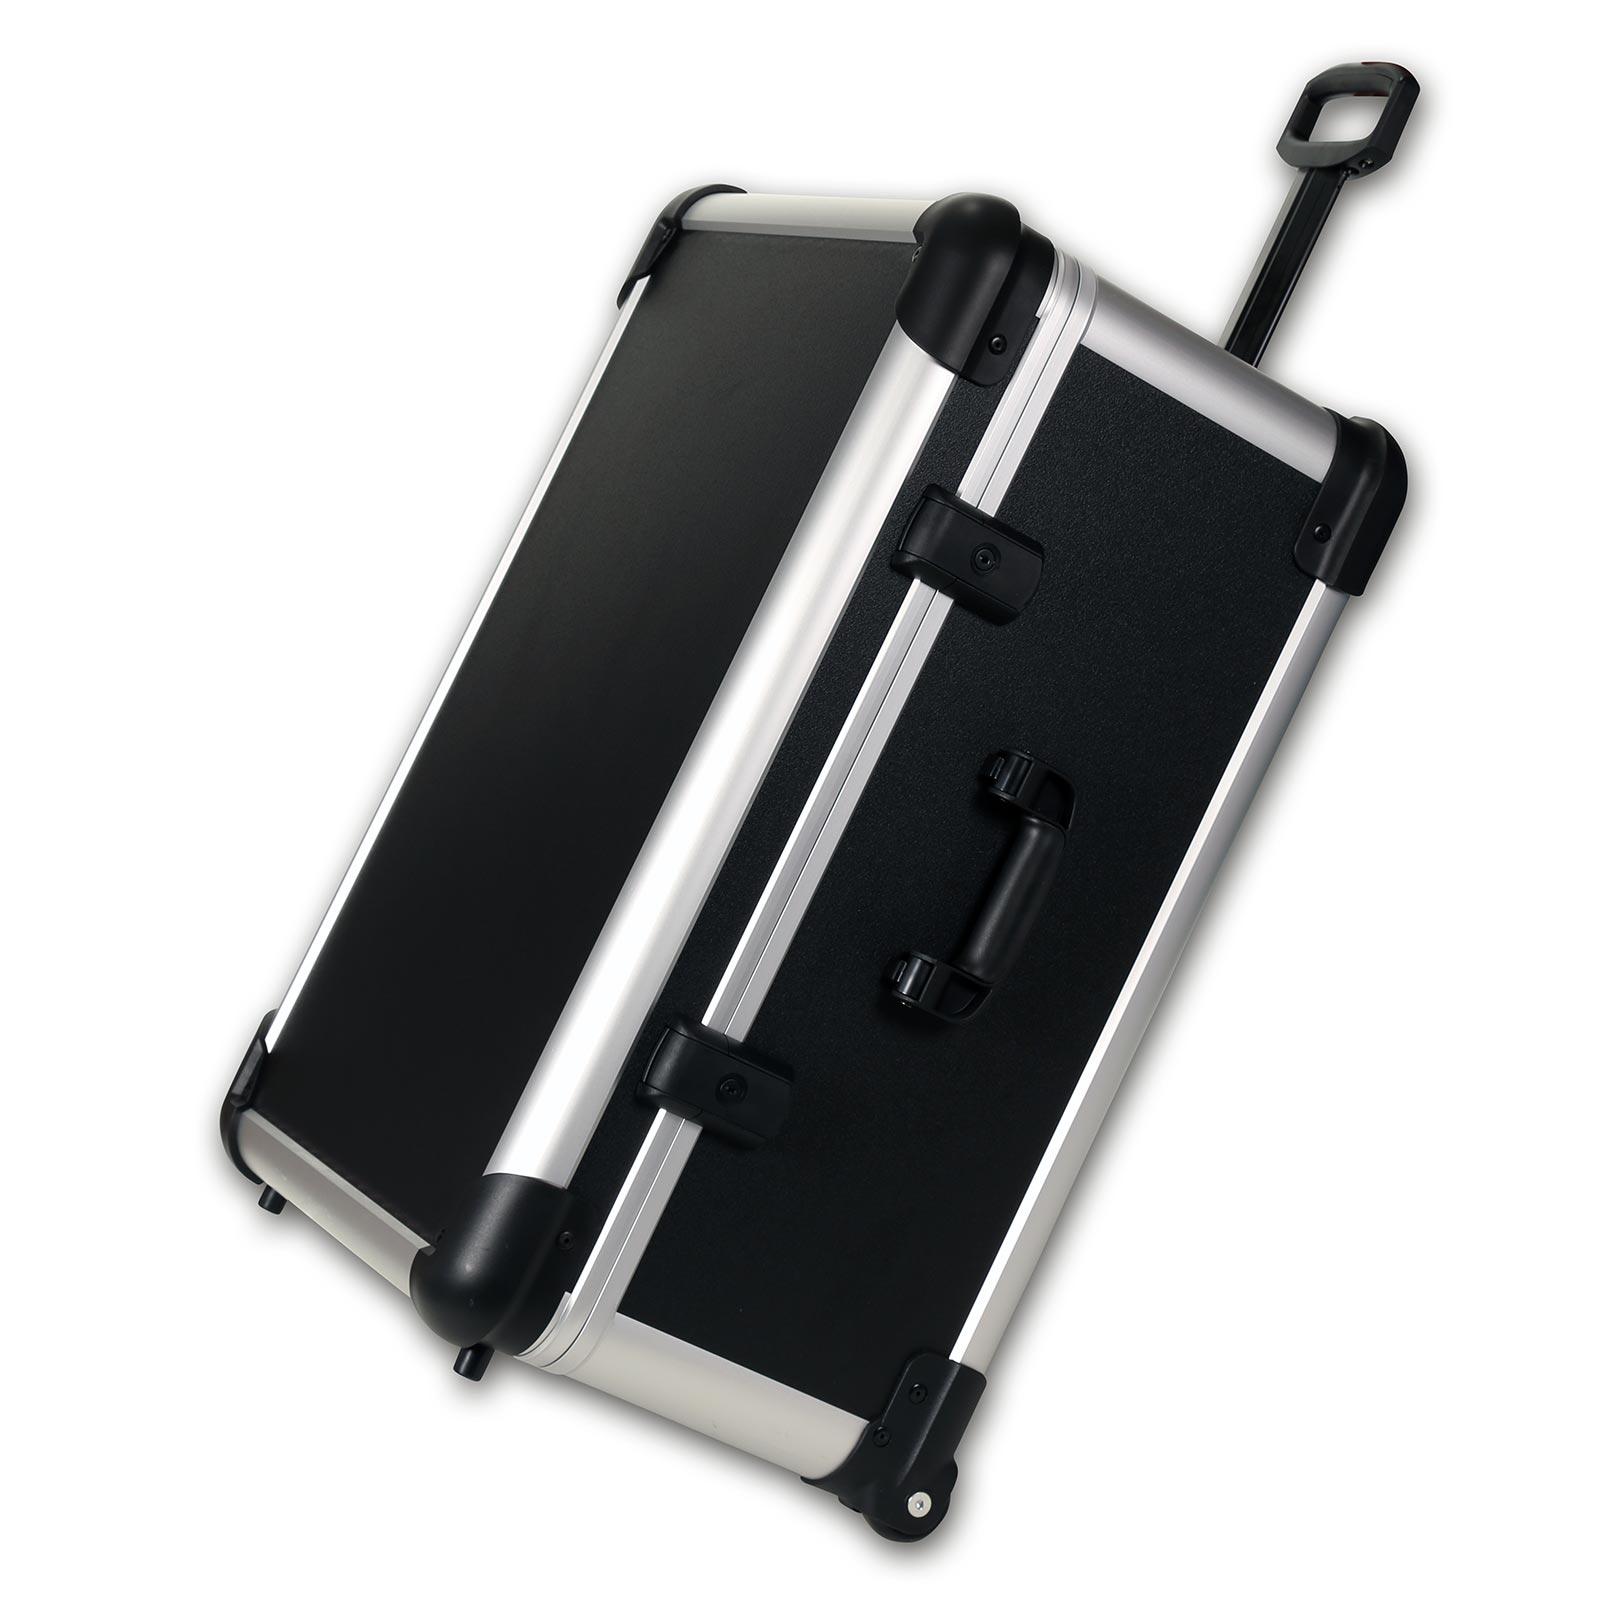 bwh Koffer CoolCase Transportkoffer L mit 4 Rollen 0 l - Schwarz 51300